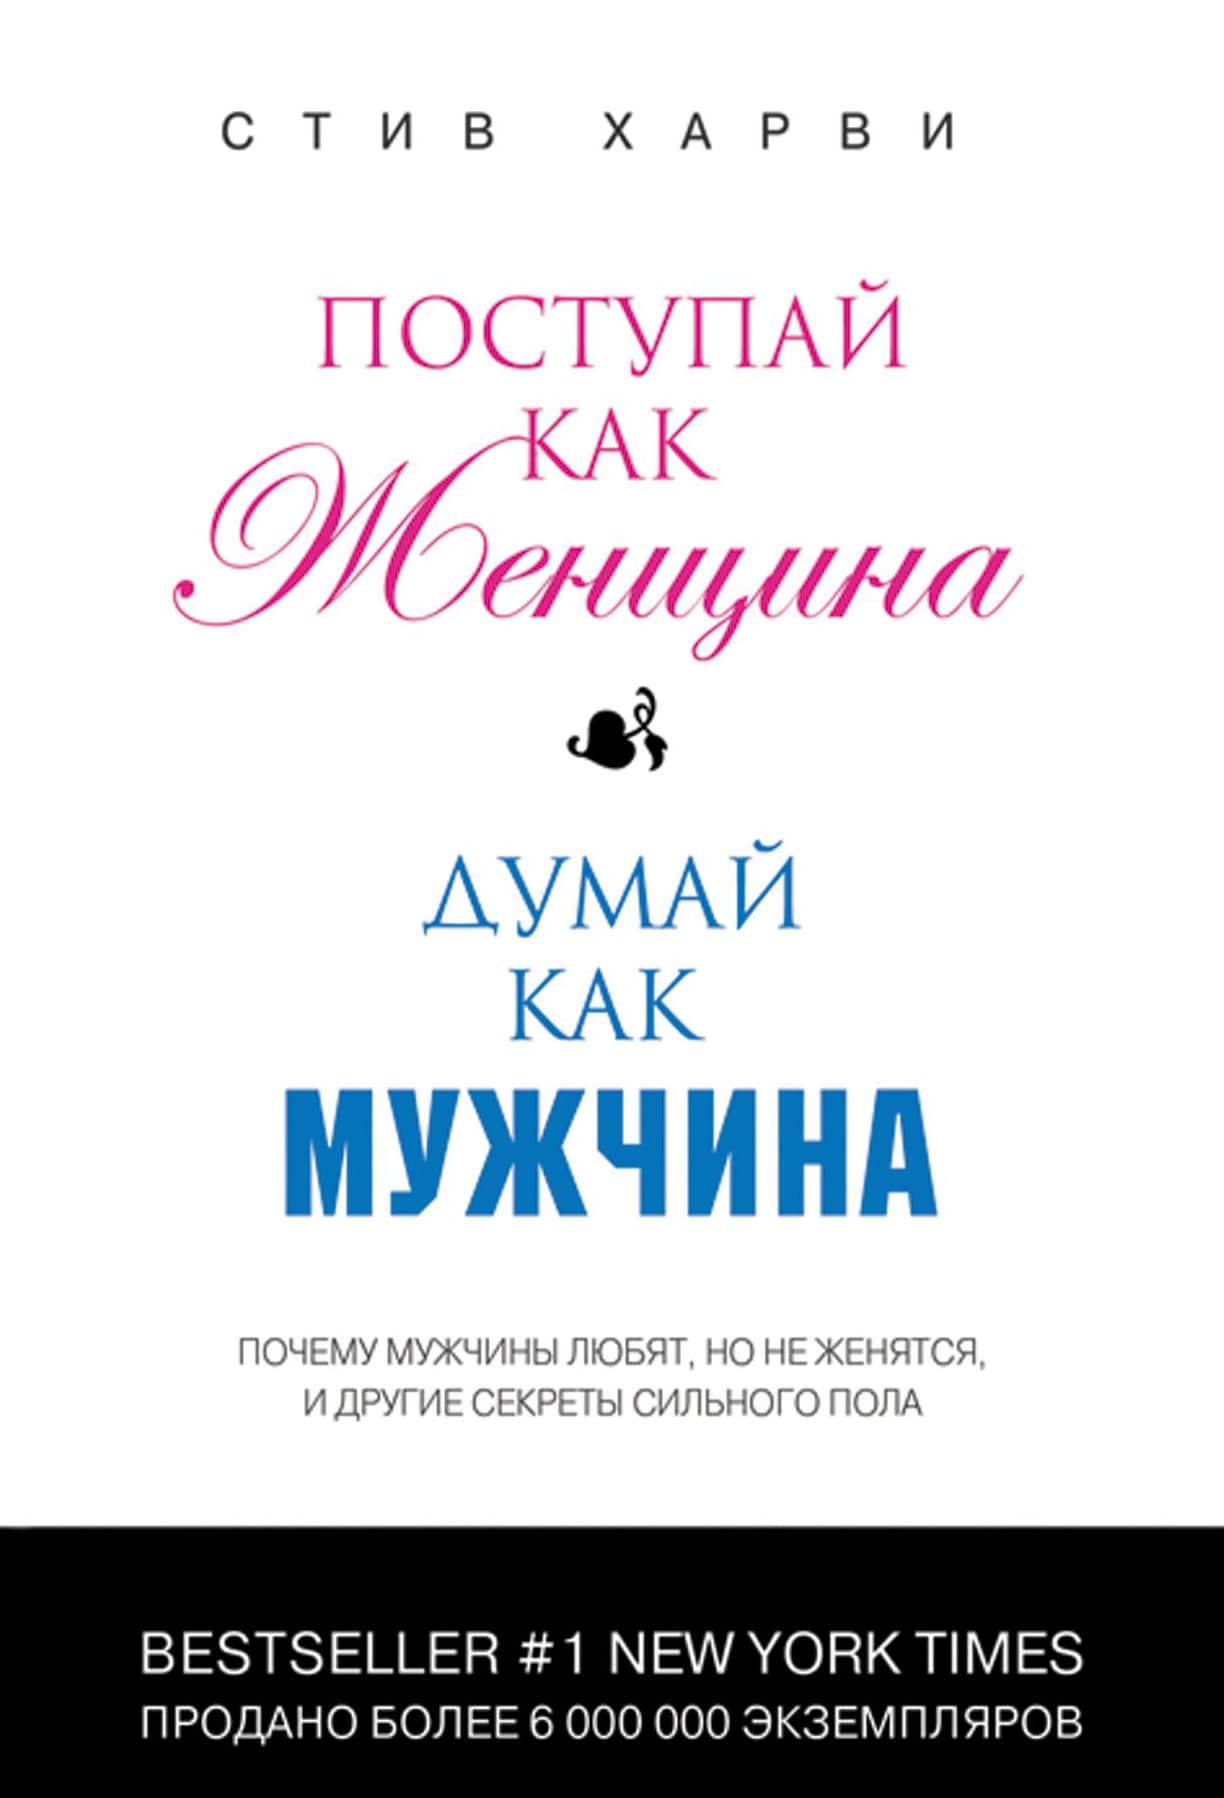 Postupay-kak-zhenshhina-dumay-kak-muzhchina-Harvi-Stiv